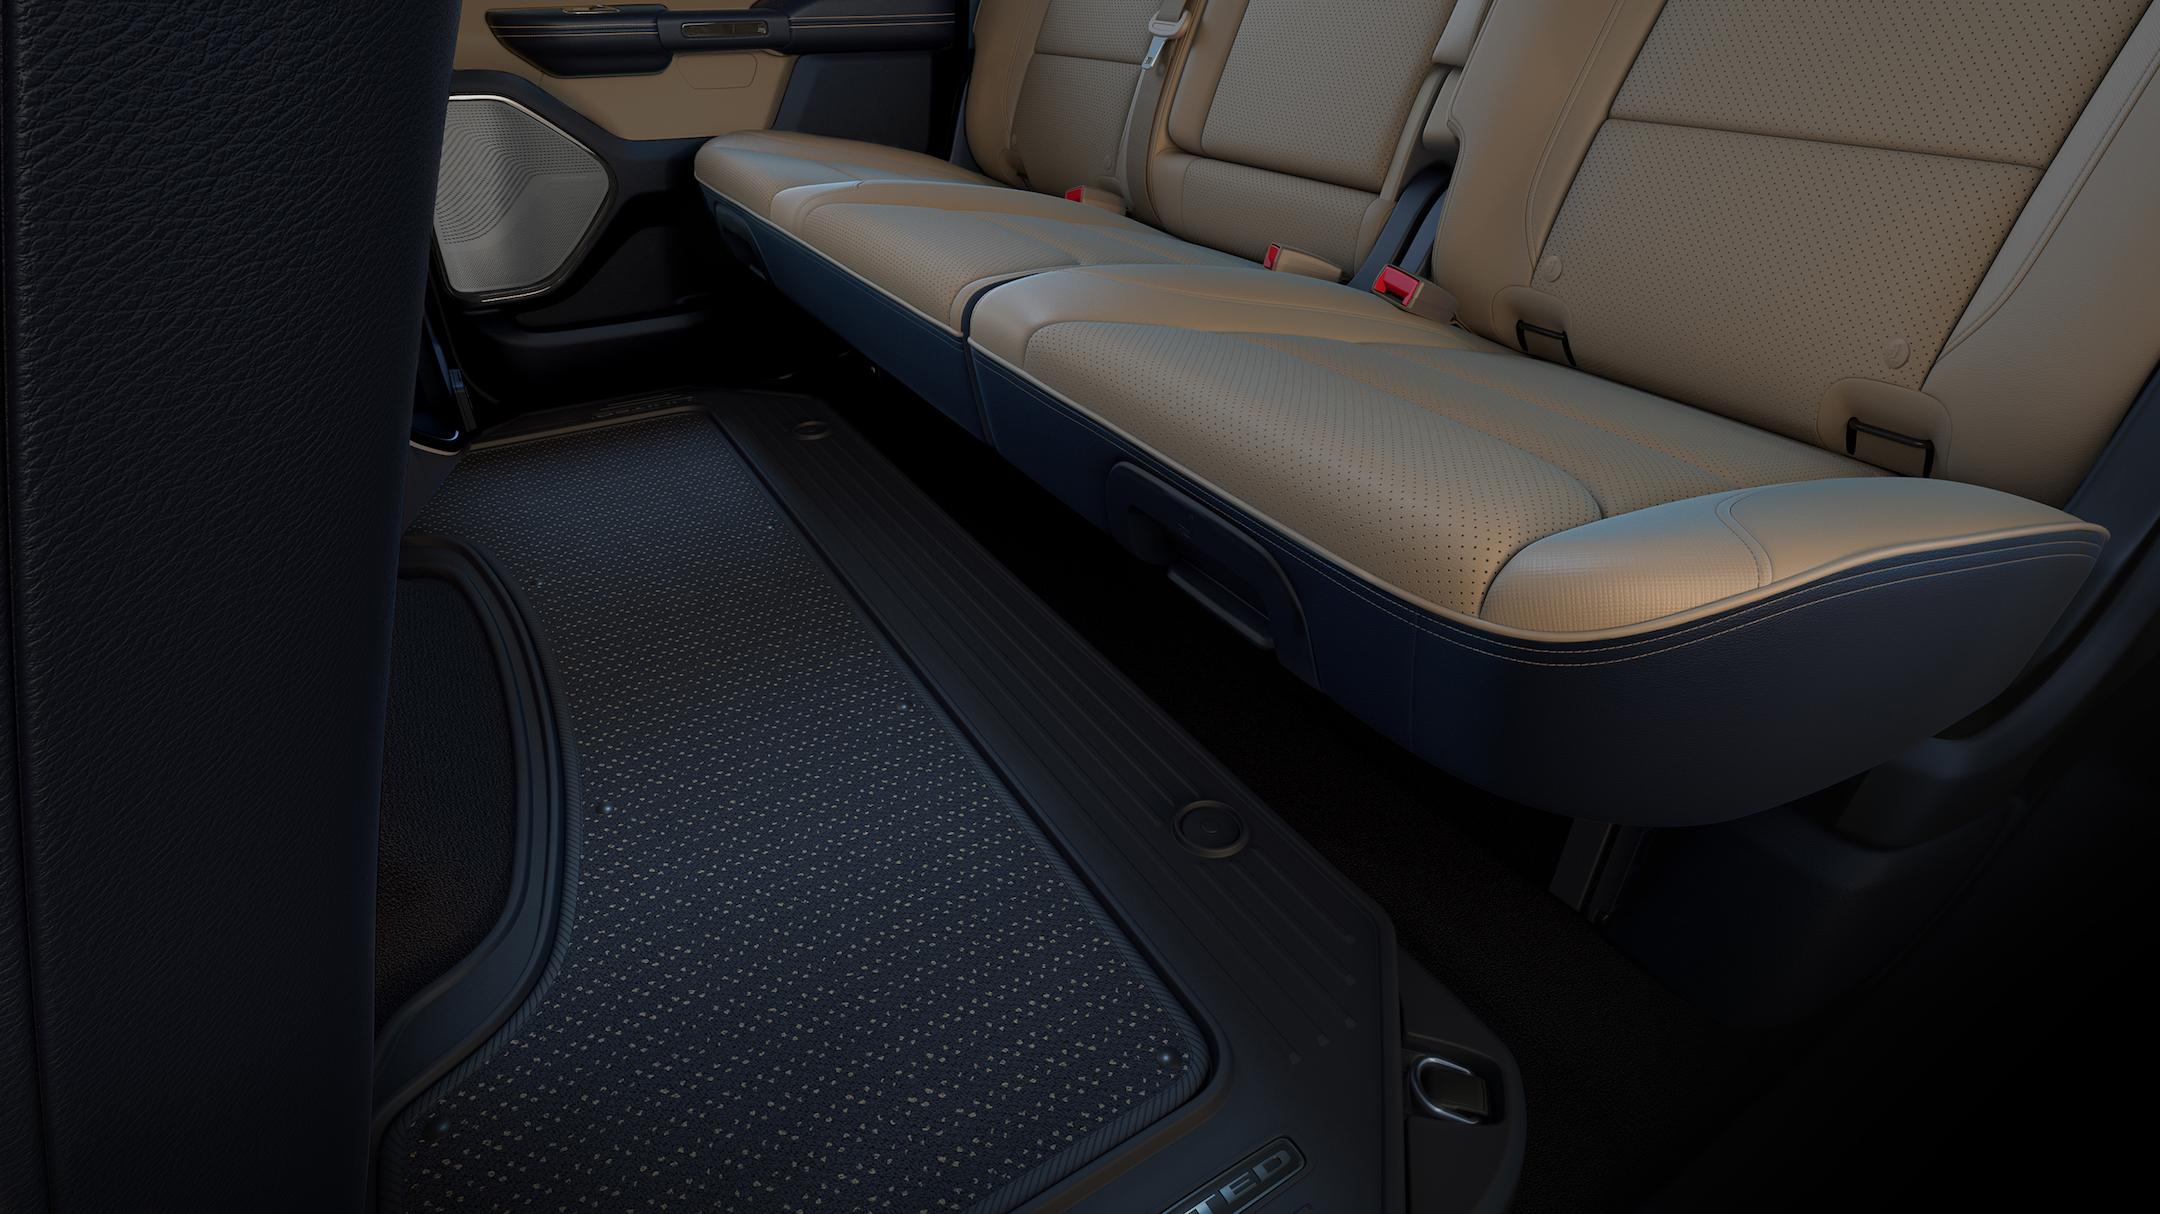 2019 Ram 1500 – Rear Flat-load Floor